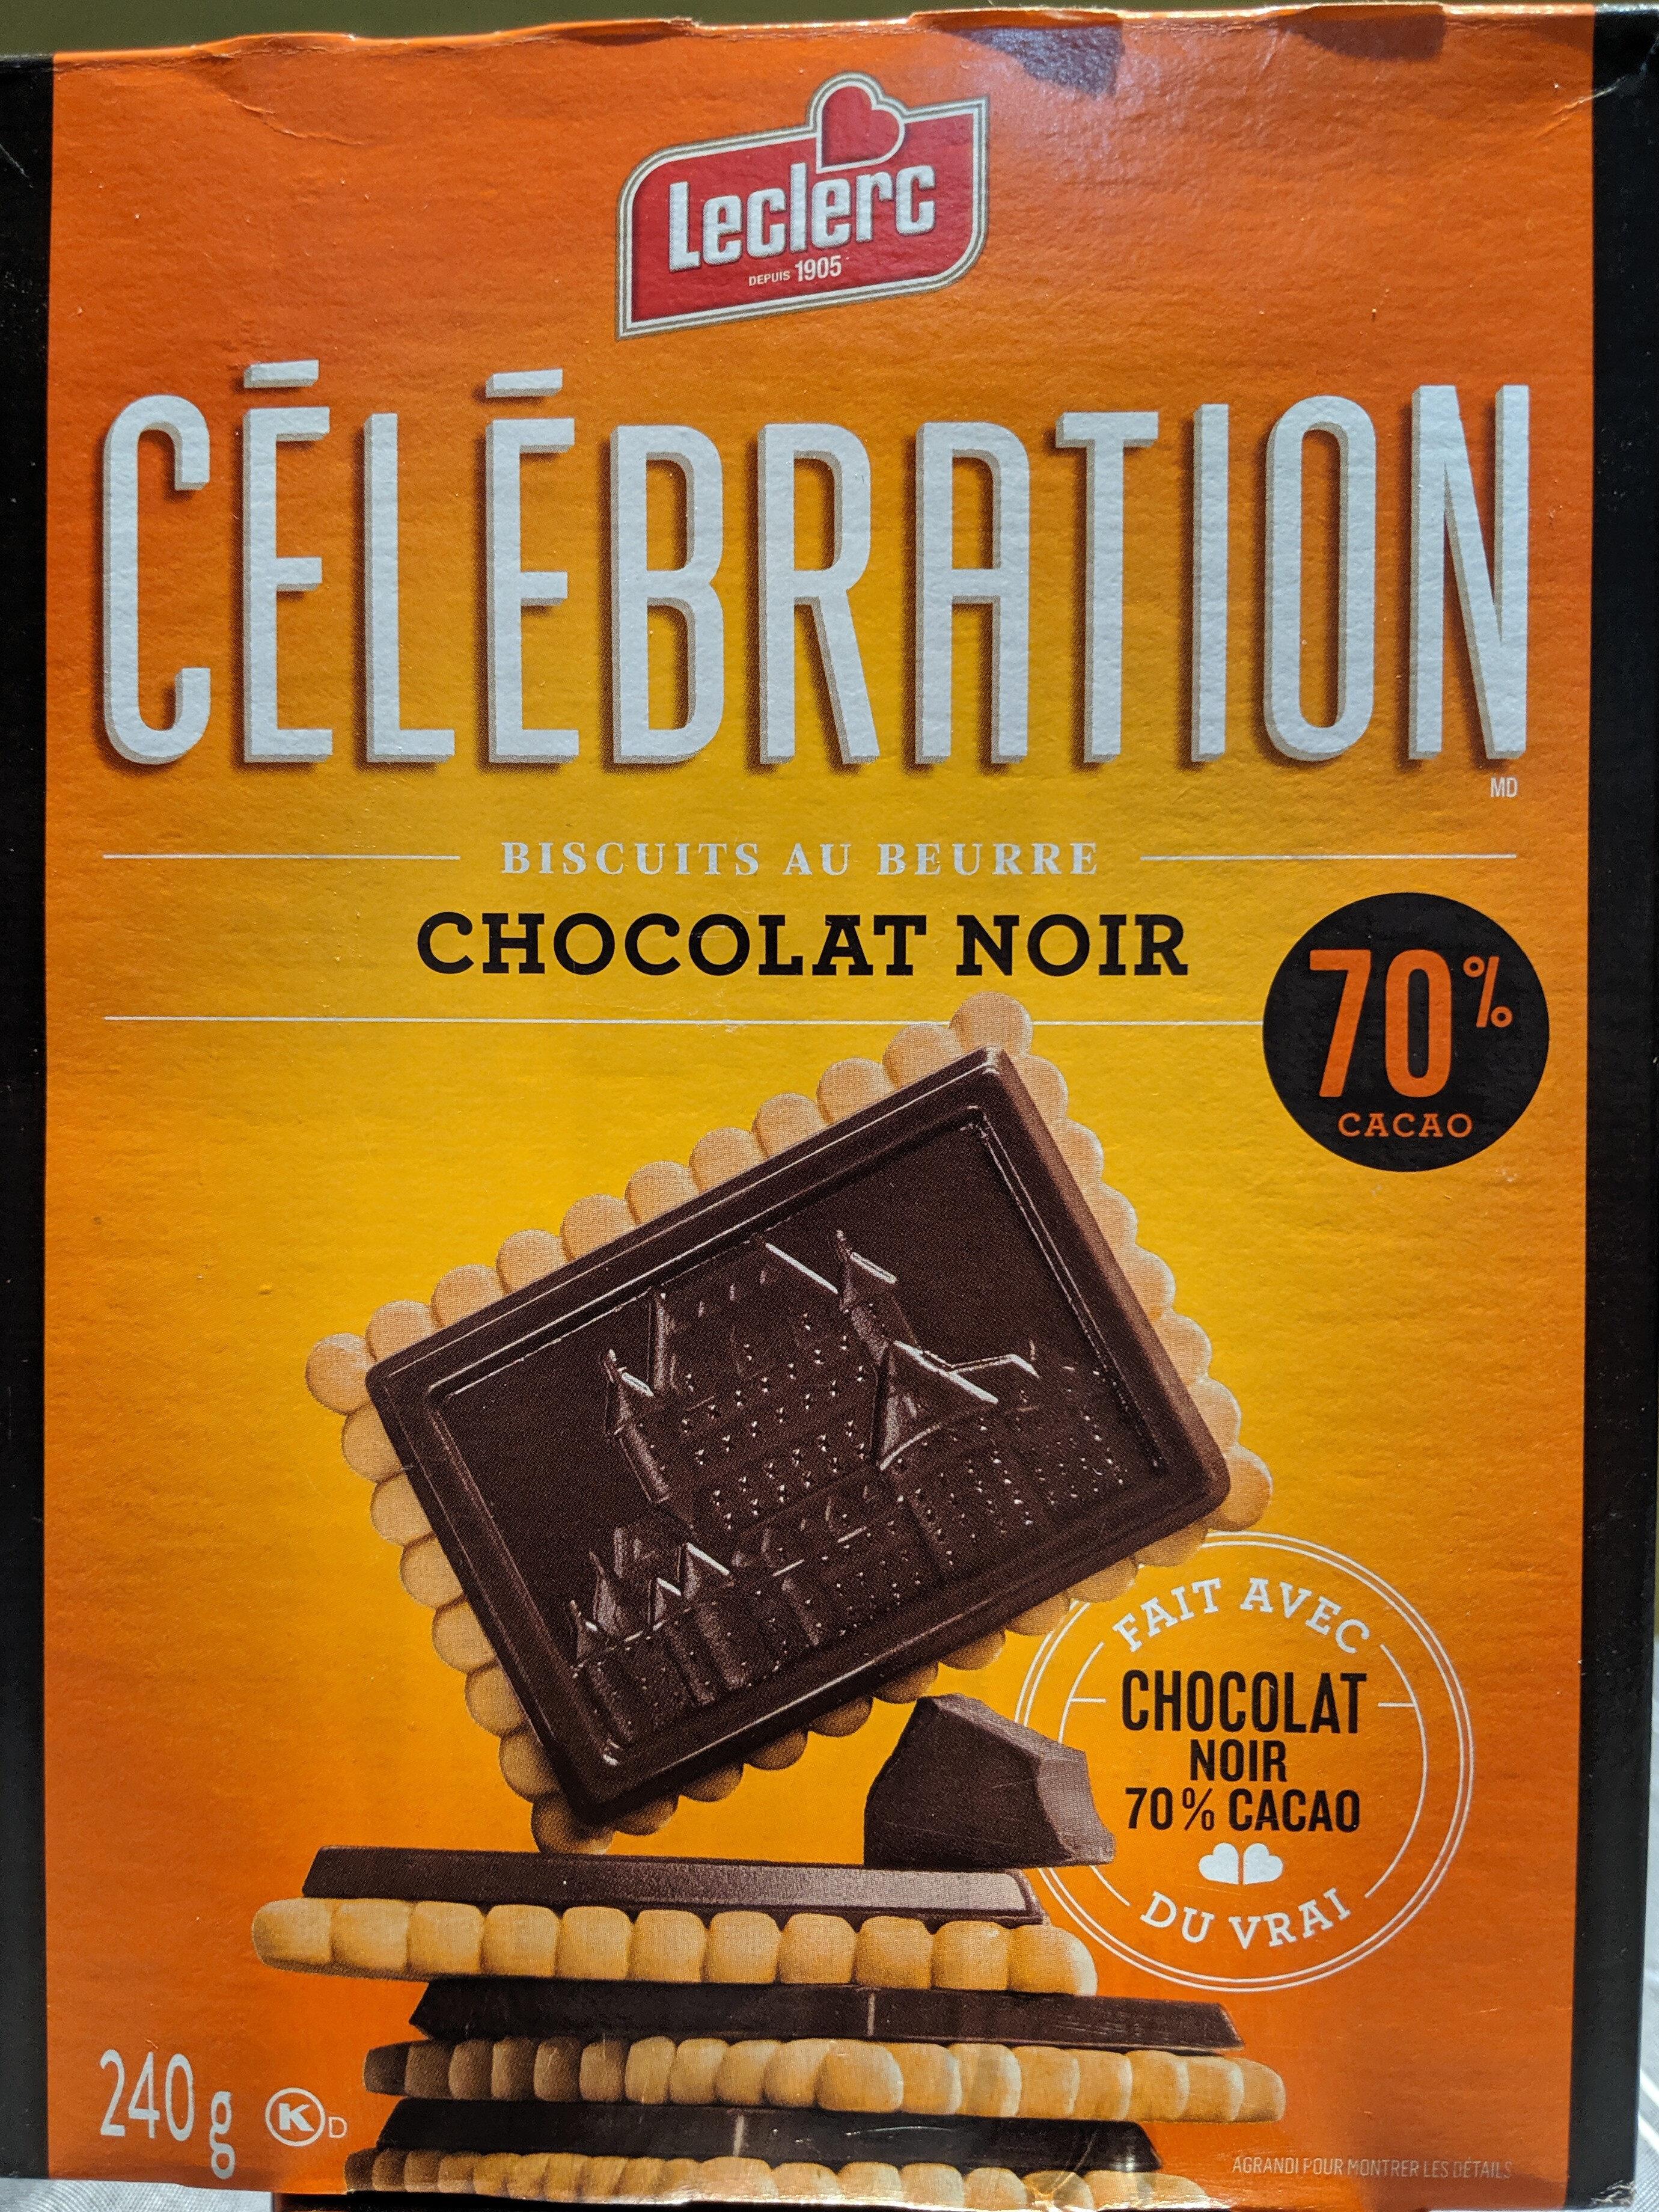 Leclerc Celebration Biscuits Au Beurre Chocolat Noir 70% Cacao - Produit - fr